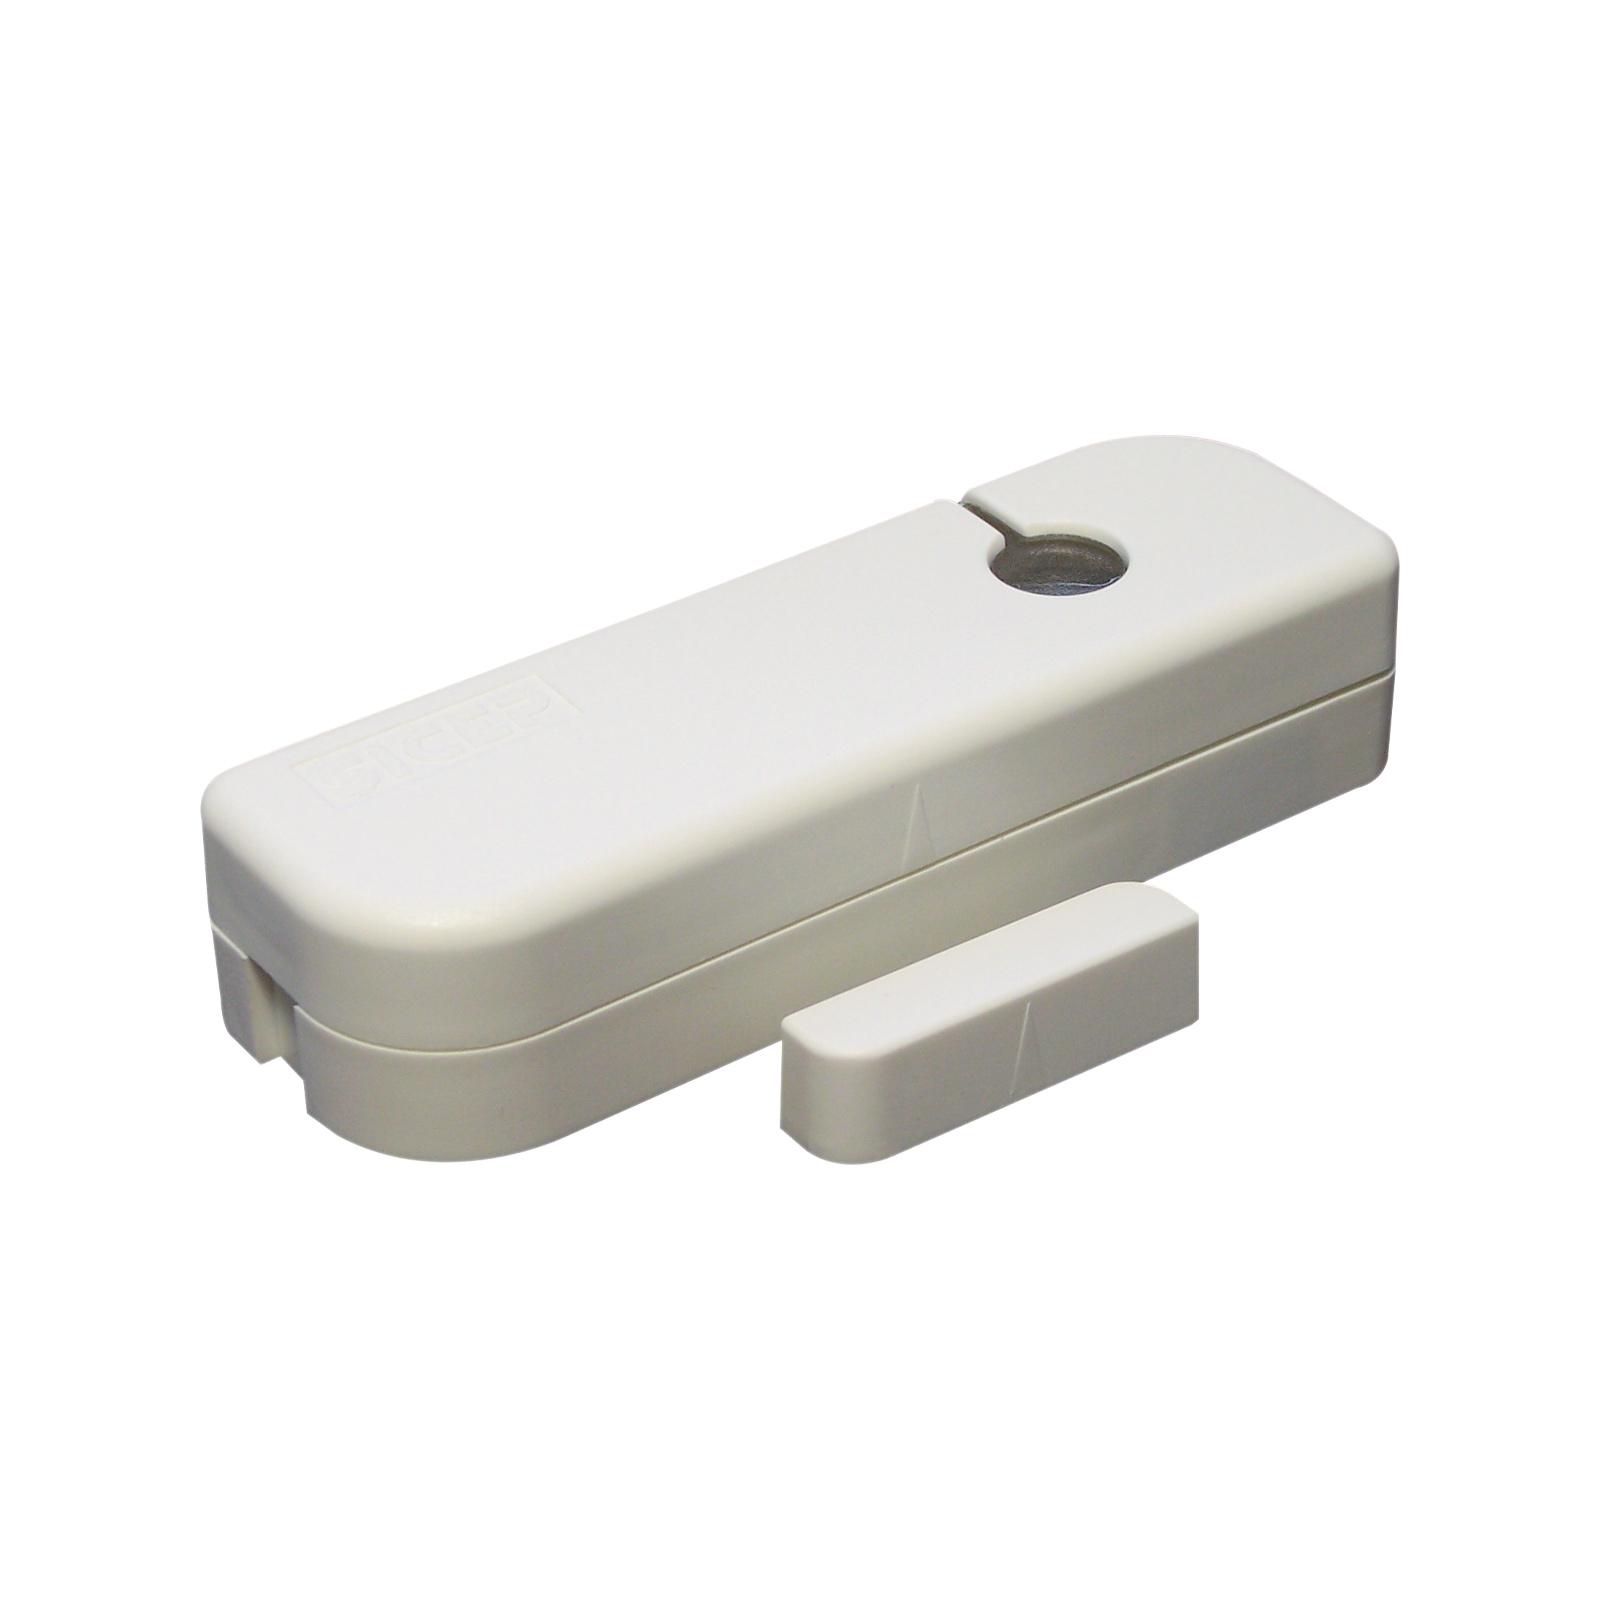 contatto-magnetico-radio-solo-apertura-un-ingresso-ausiliario-bianco